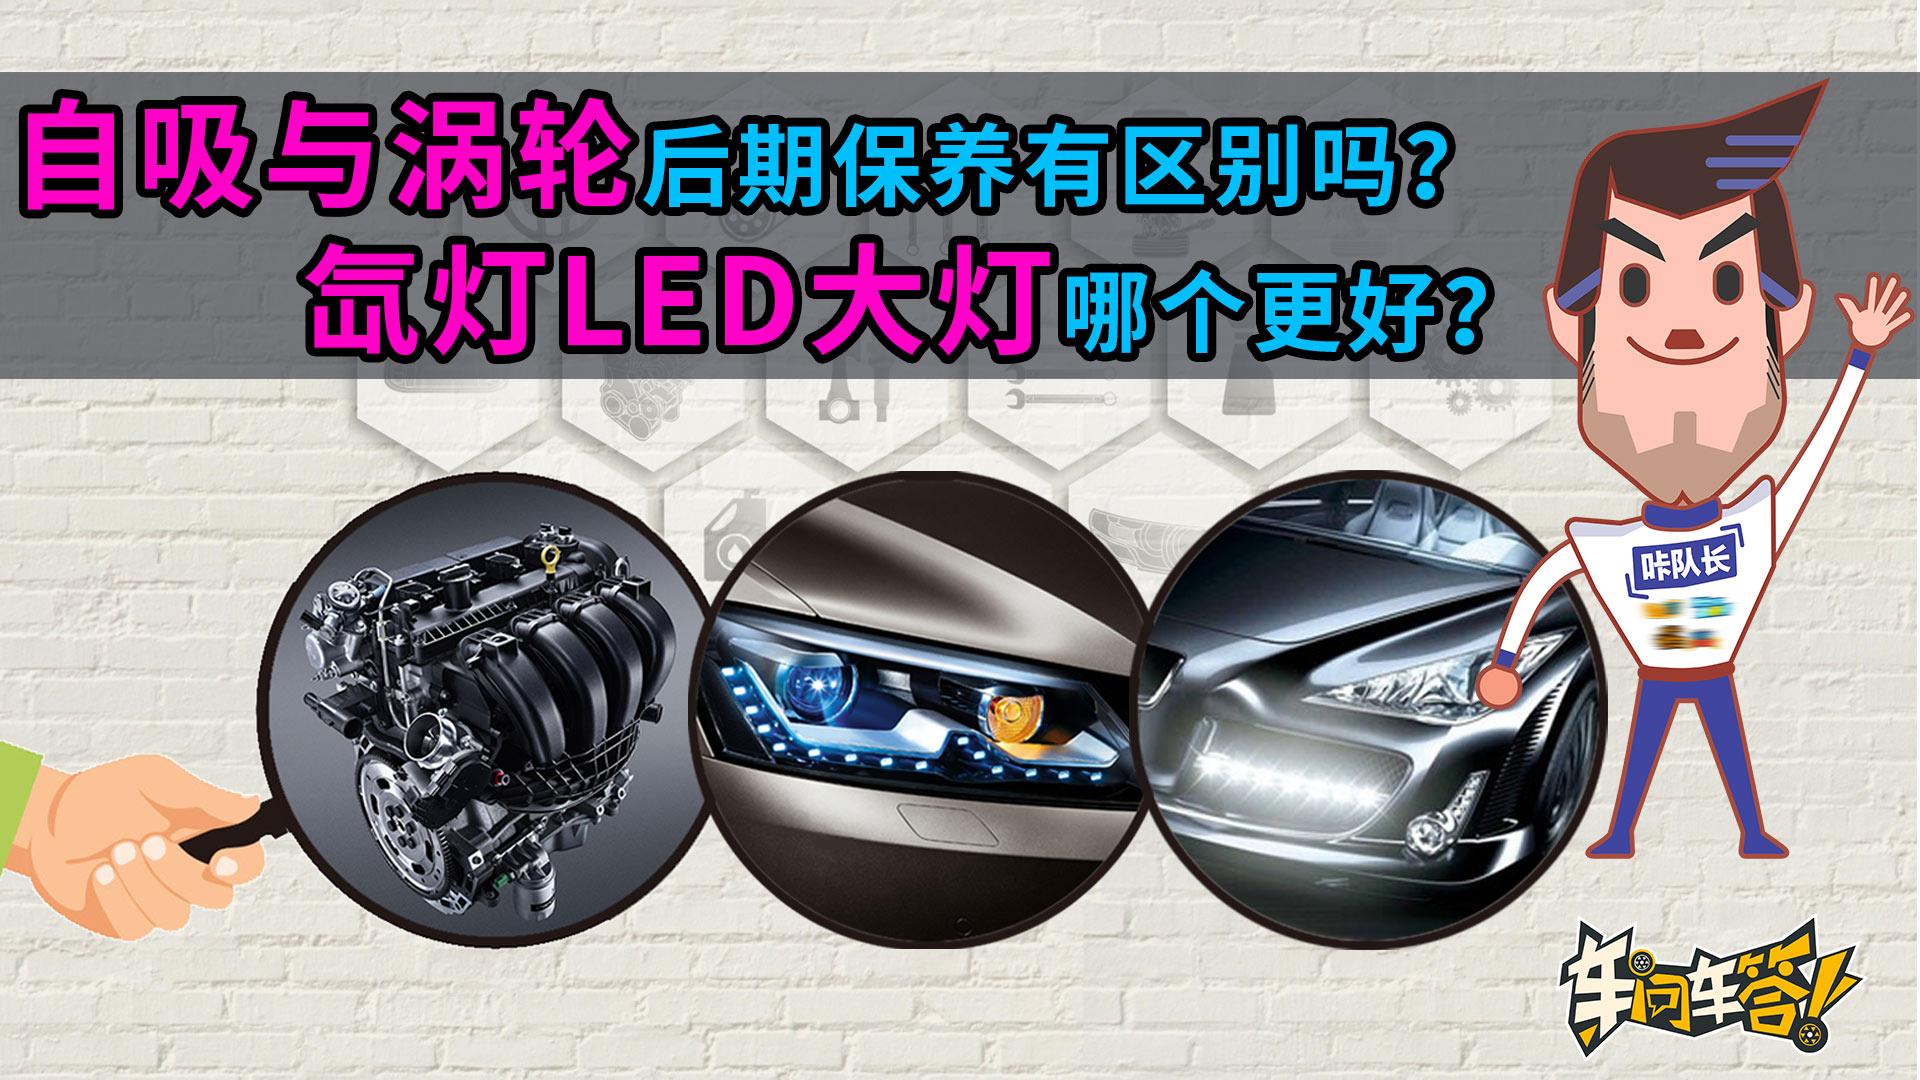 【车问车答】氙灯LED大灯哪个更好?